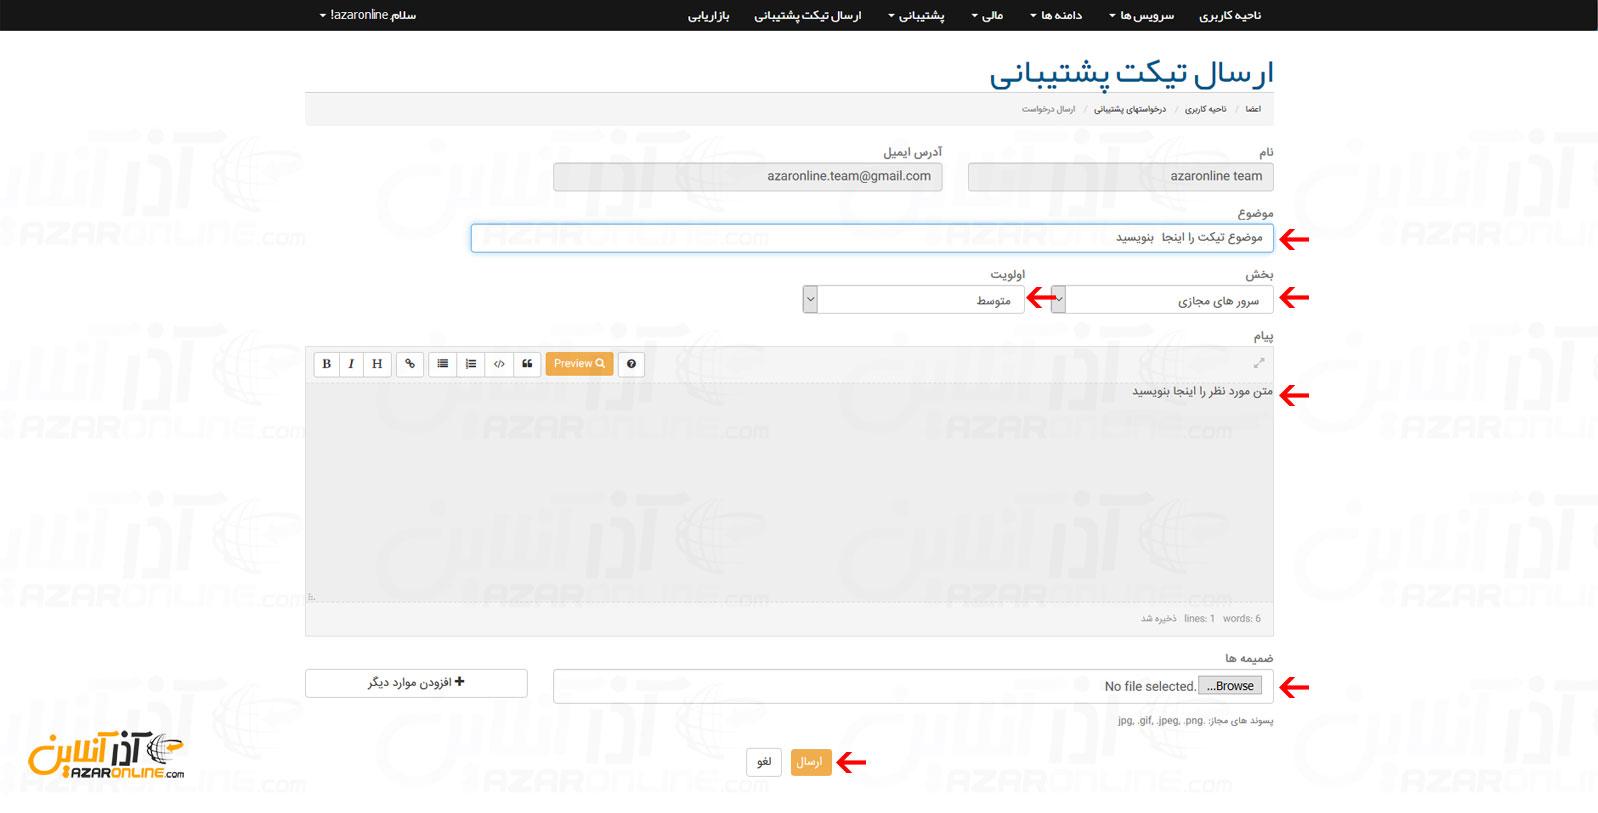 وارد کردن اطلاعات جهت ارسال تیکت پشتیبانی آذرآنلاین